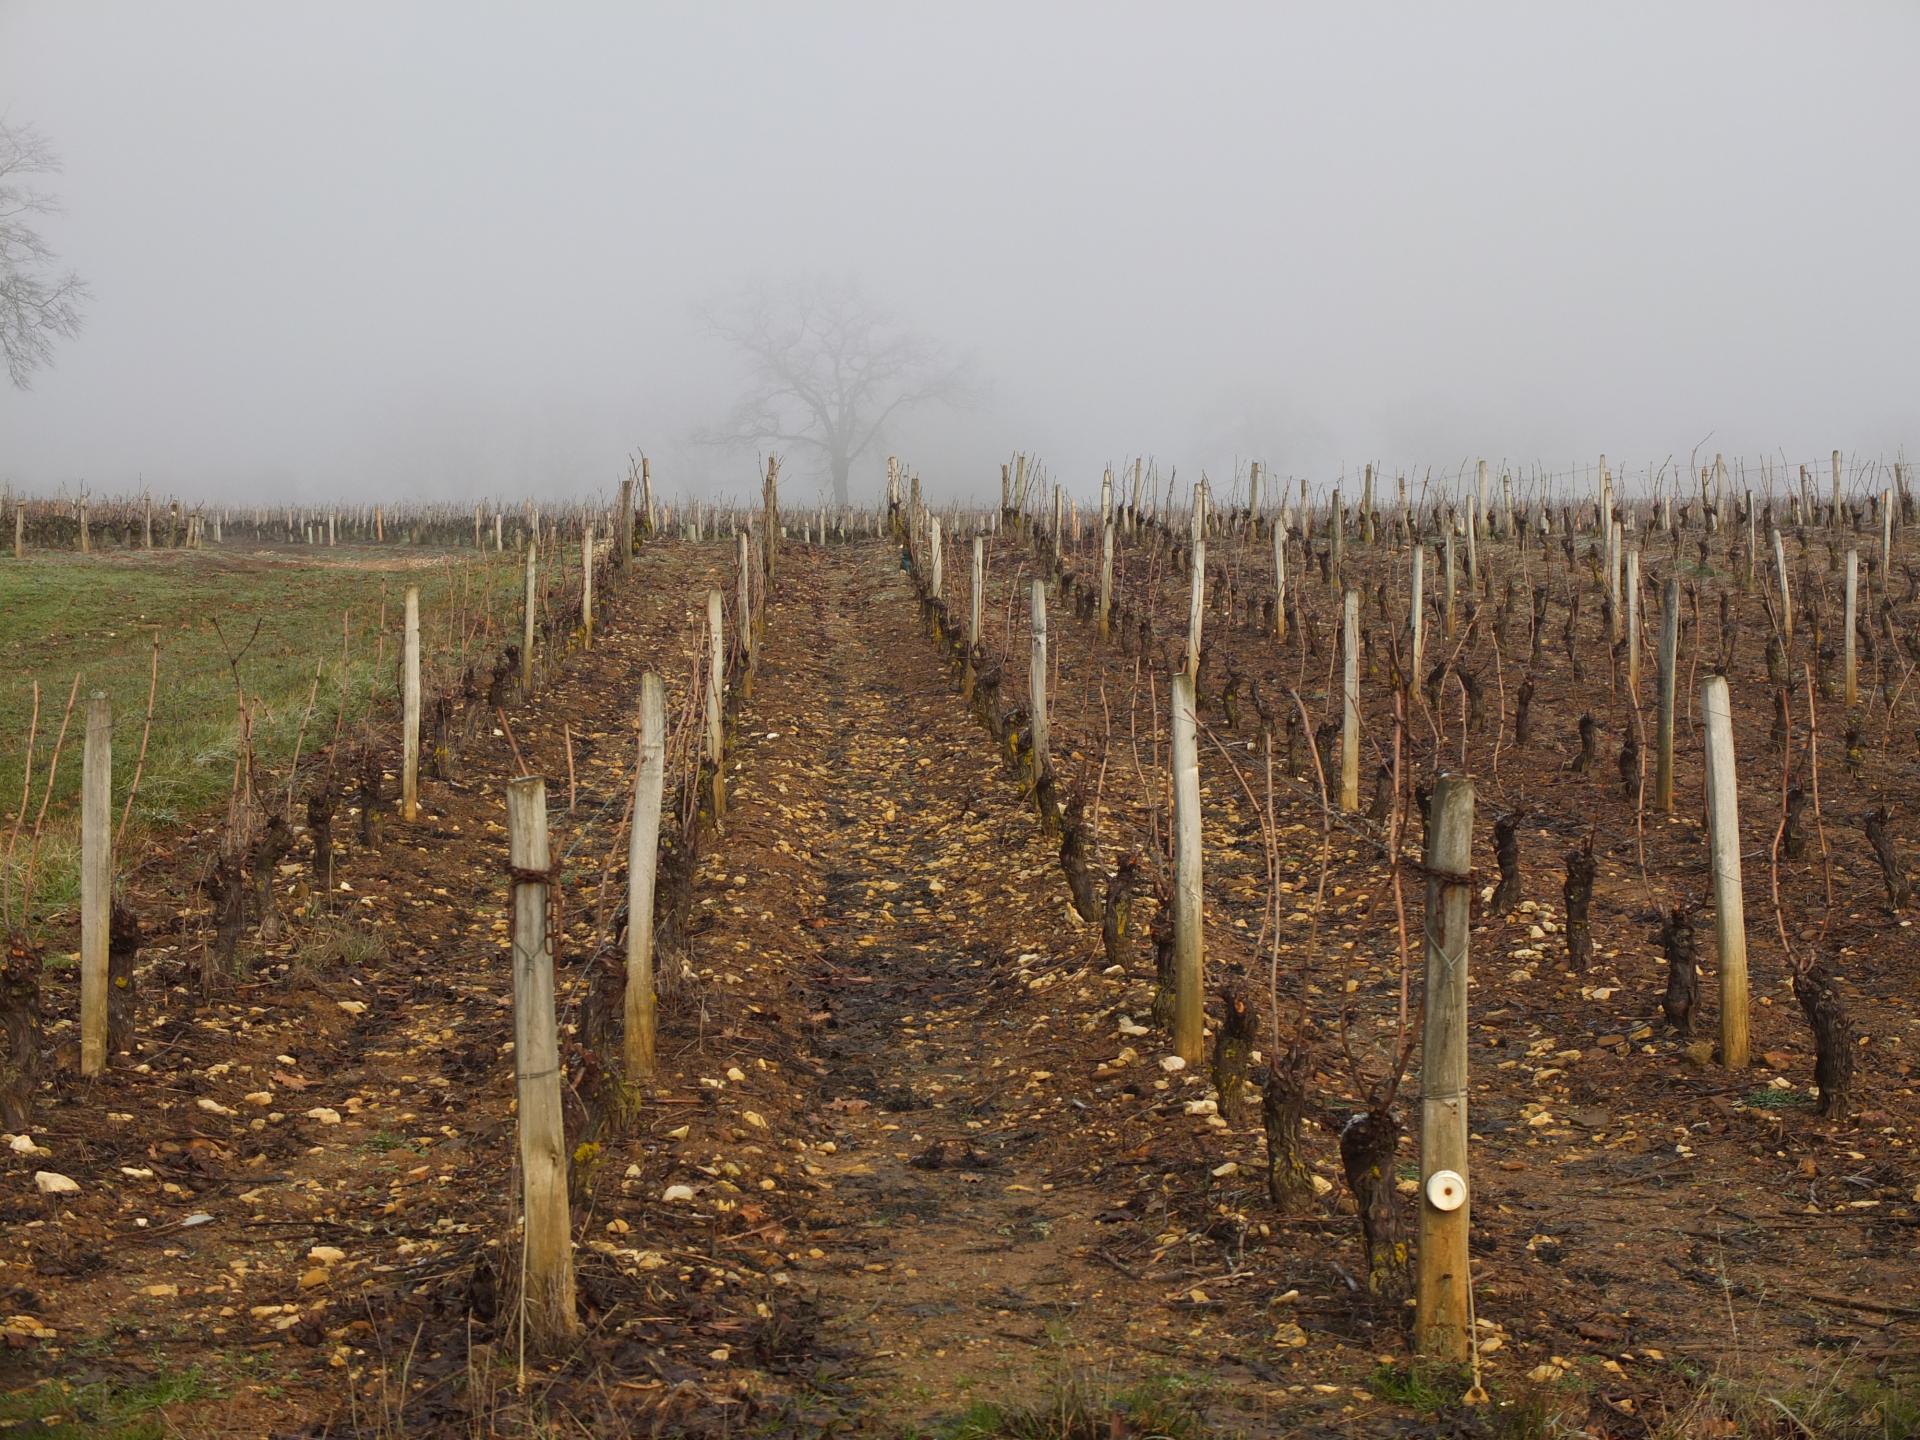 Les vignes, elles courent sur les coteaux